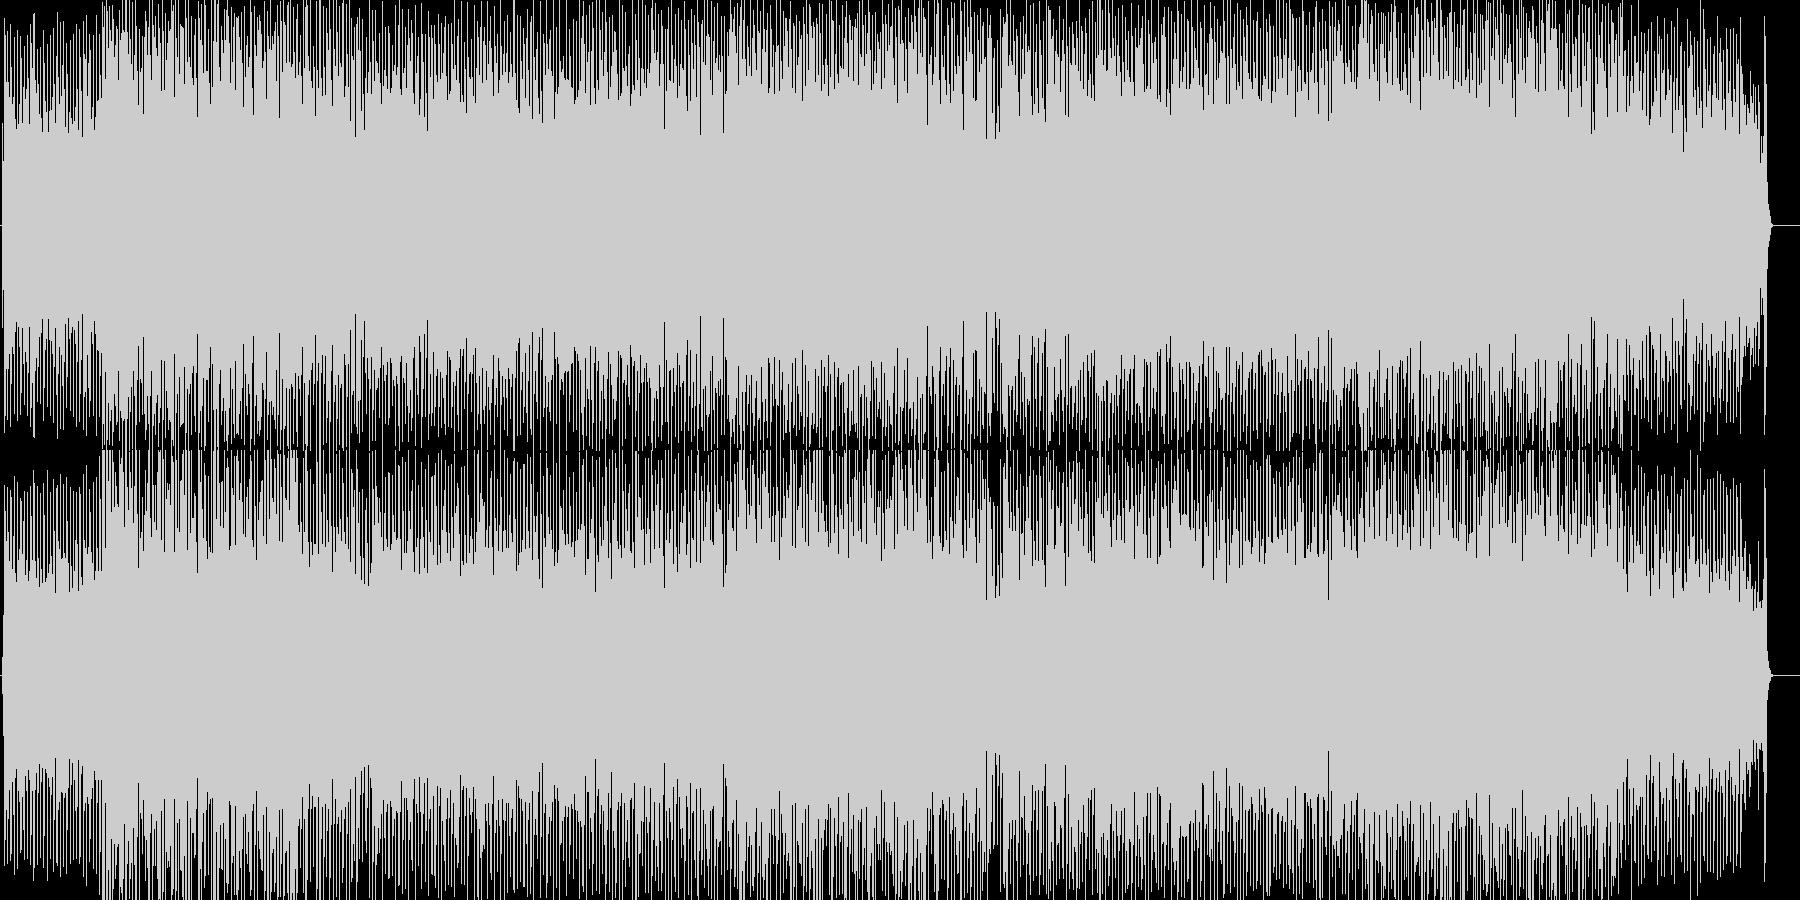 エンディングにぴったりのテクノポップの未再生の波形